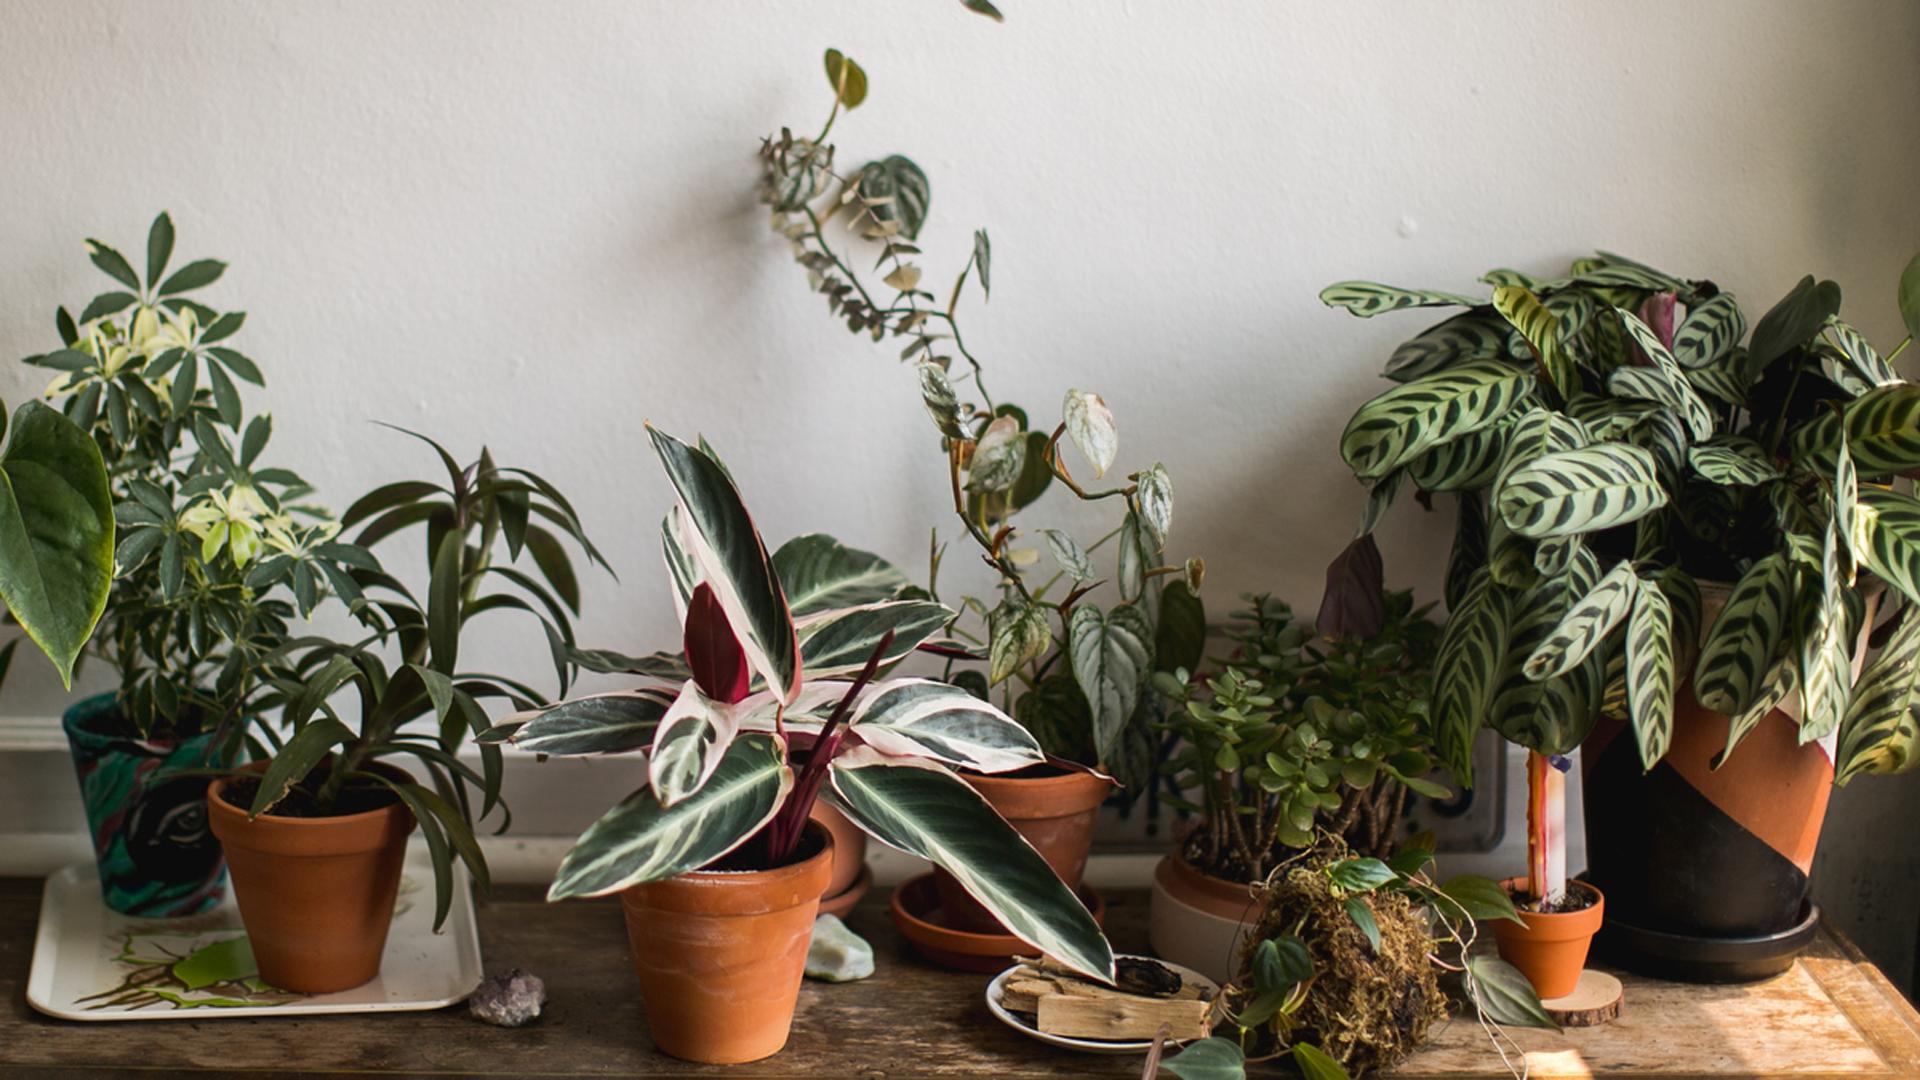 Zimmerpflanzen auf Tisch in Urban Gardening